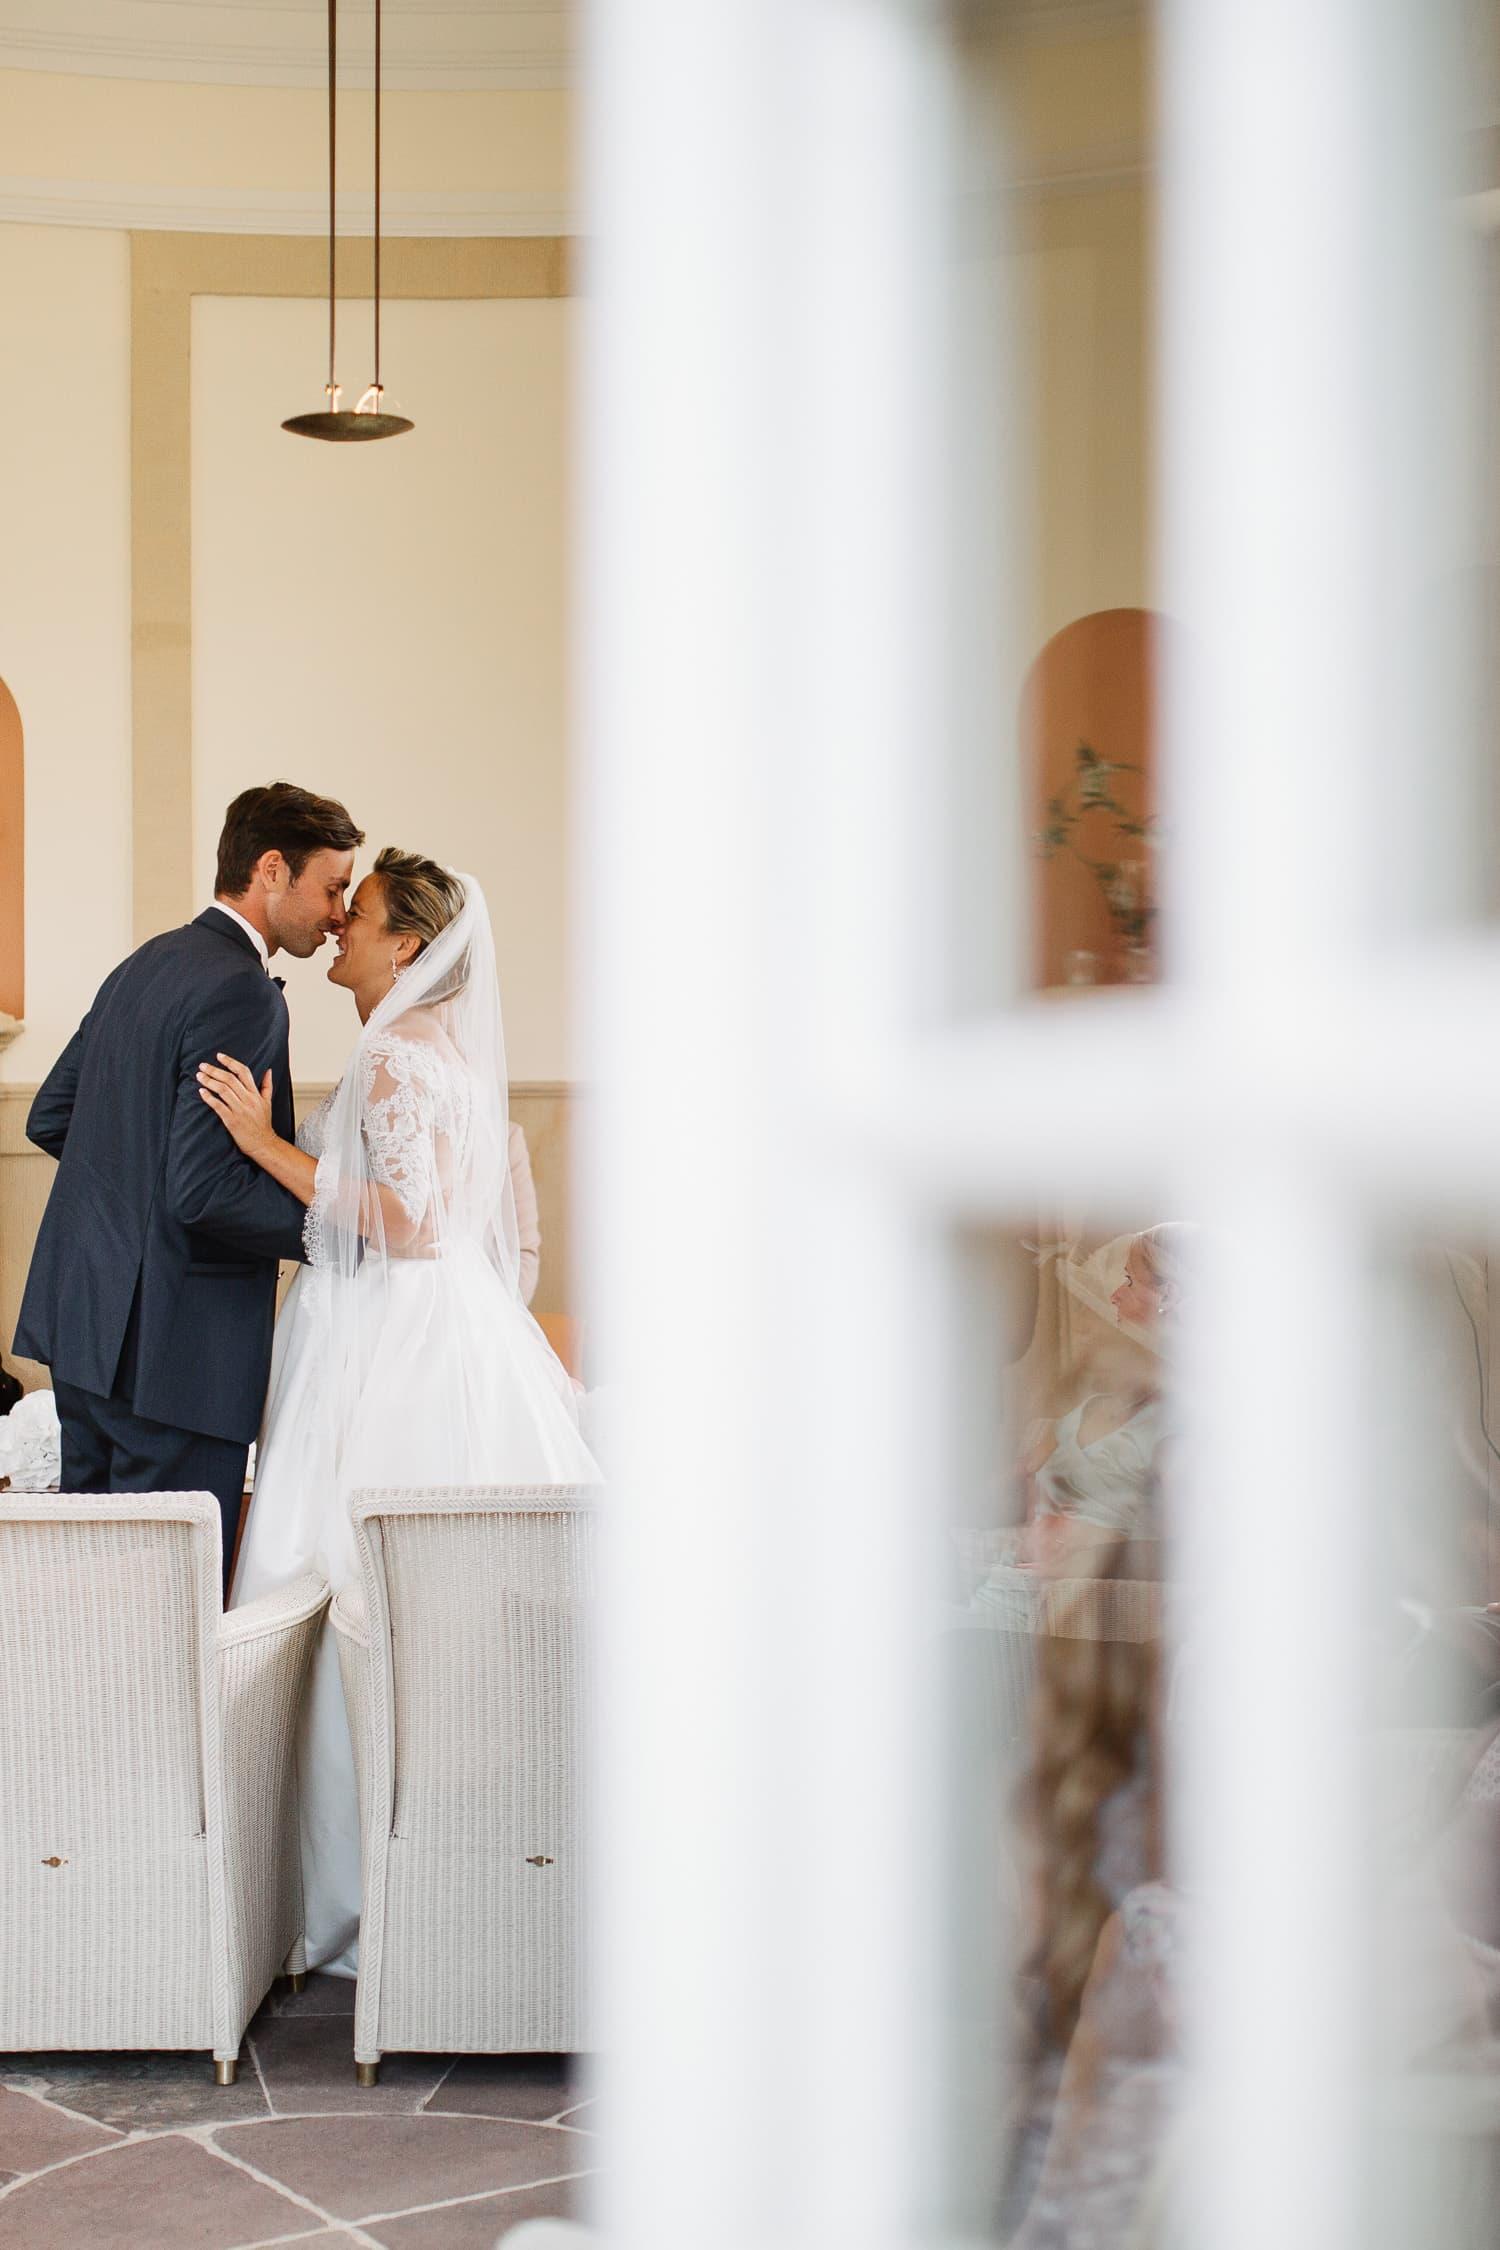 Julia-Benno-Hochzeitsreportage-63a Märchen-Hochzeit auf Schloss Schwöbber Hochzeitreportage